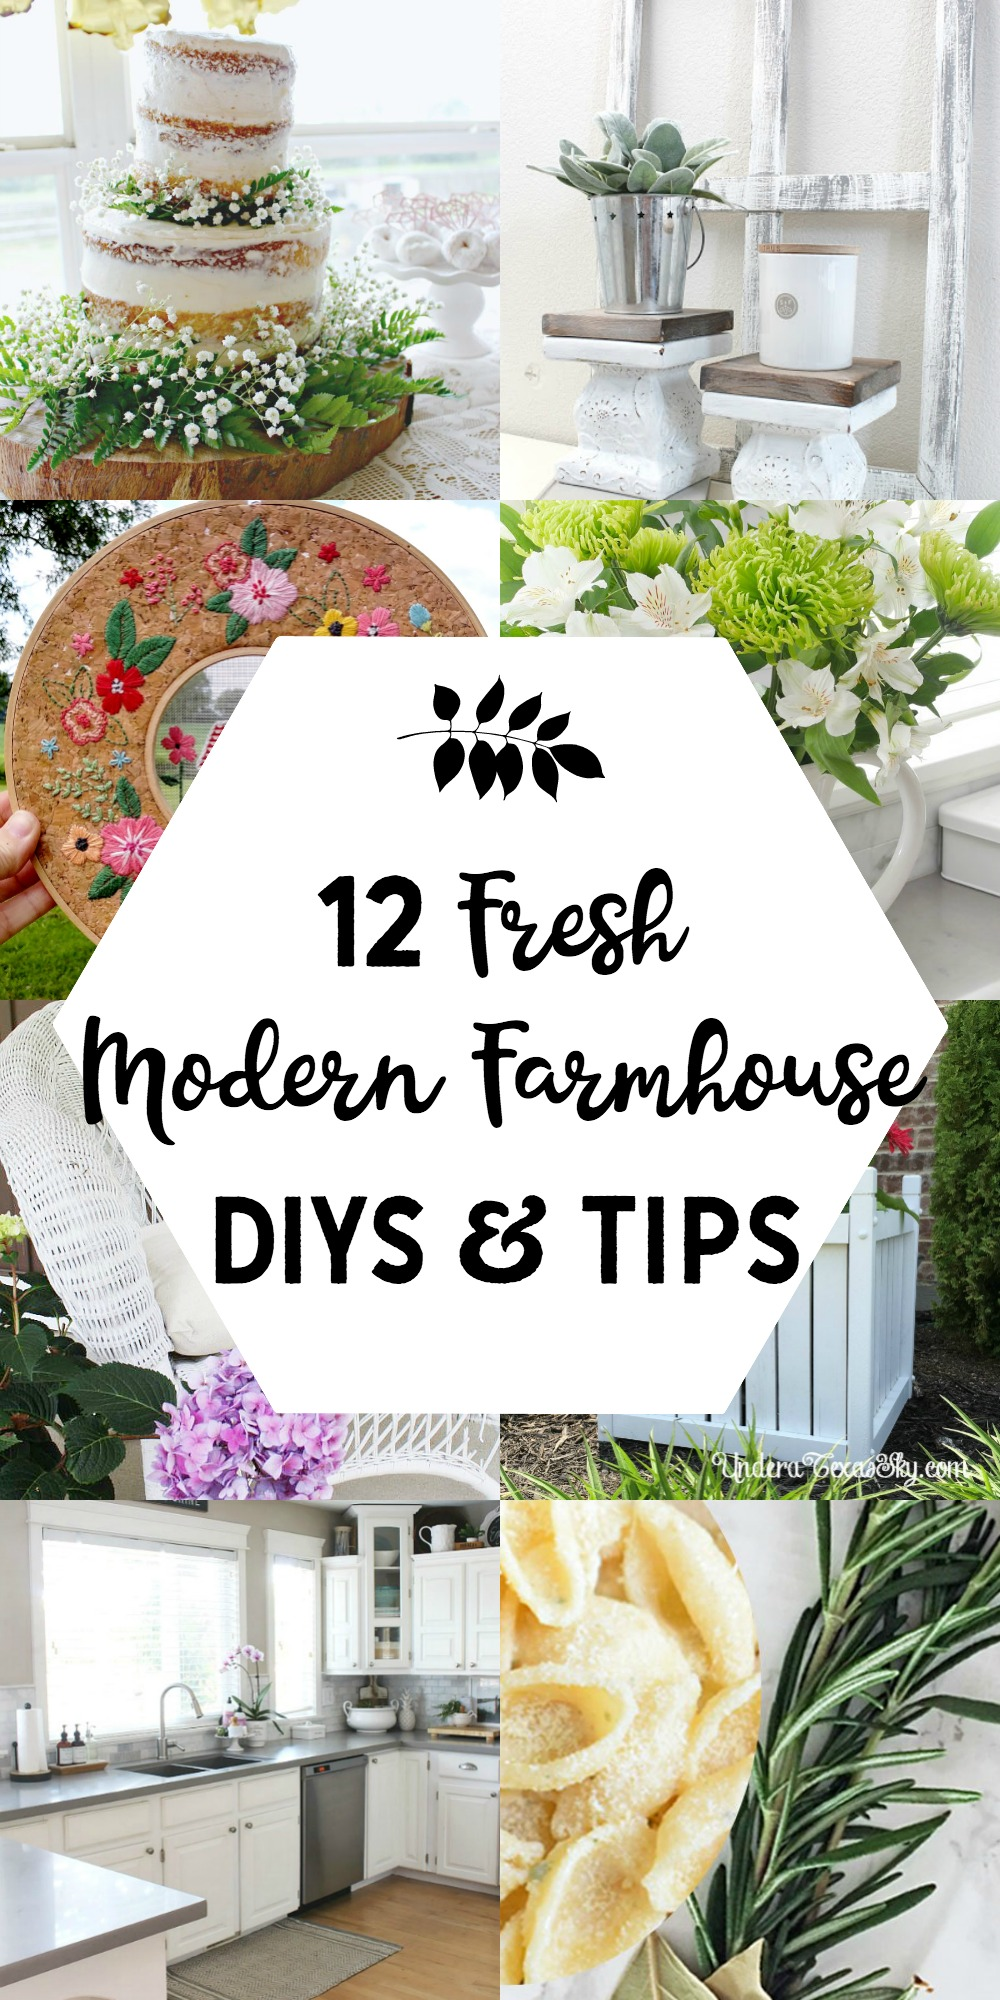 Modern Farmhouse Tips and DIYs